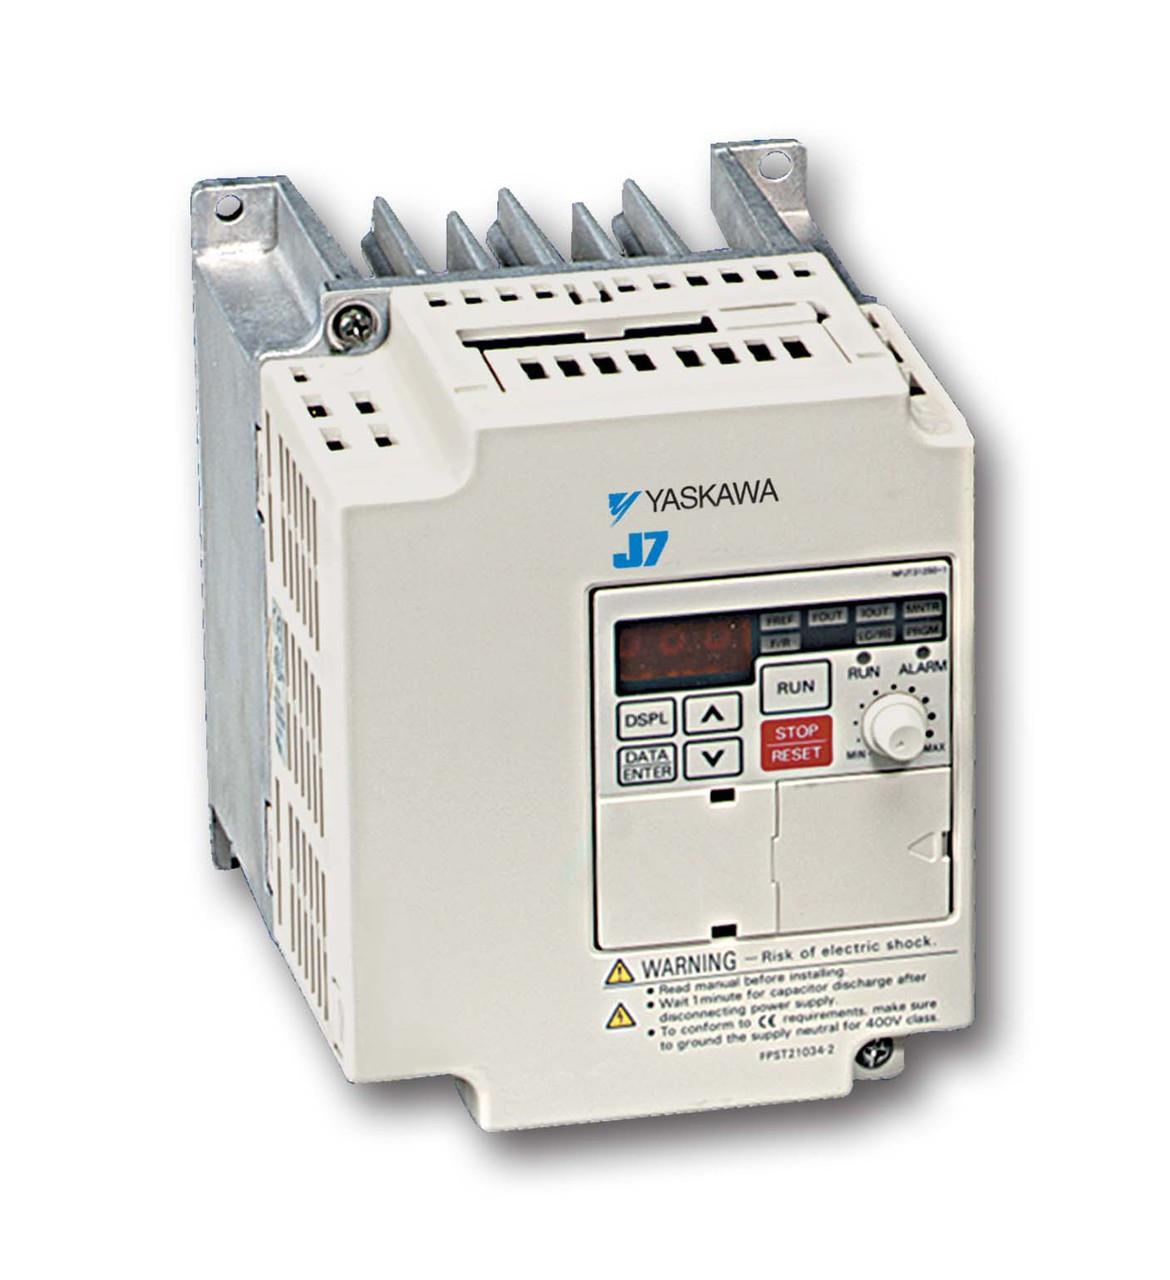 New CIMR-J7AM22P20 Yaskawa J7 GPD305 AC Drive 2 2kW